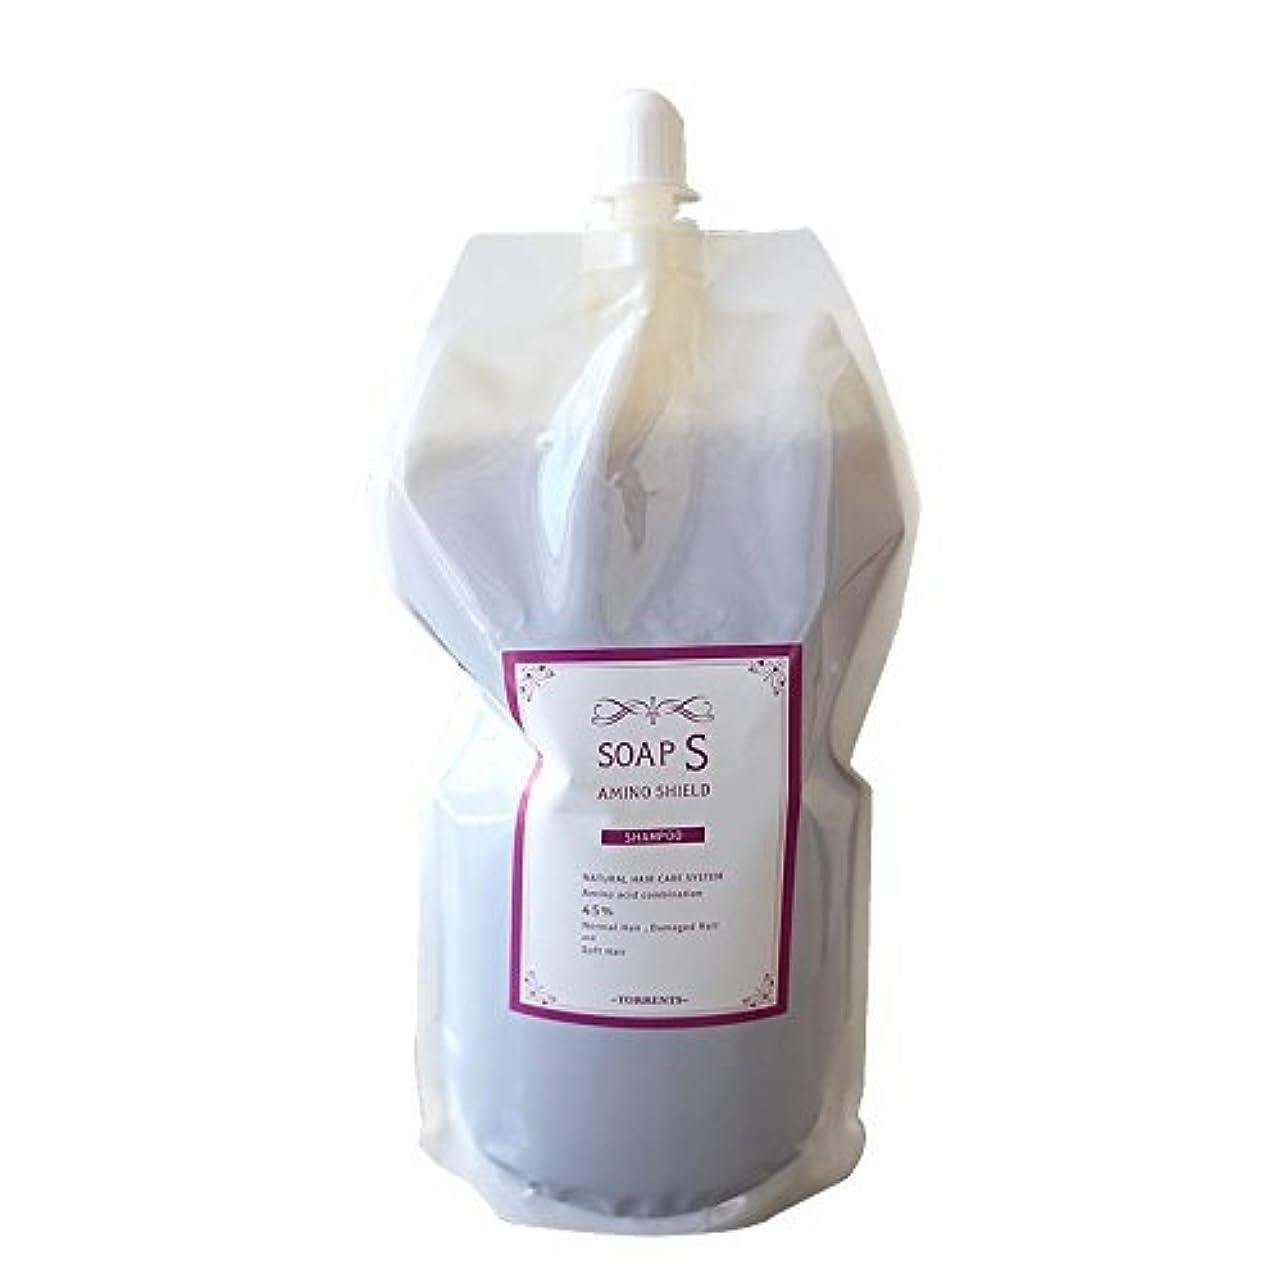 アミノシールド ソープS 1000ml 詰替用  オーガニックアミノ酸 ハリコシシャンプー